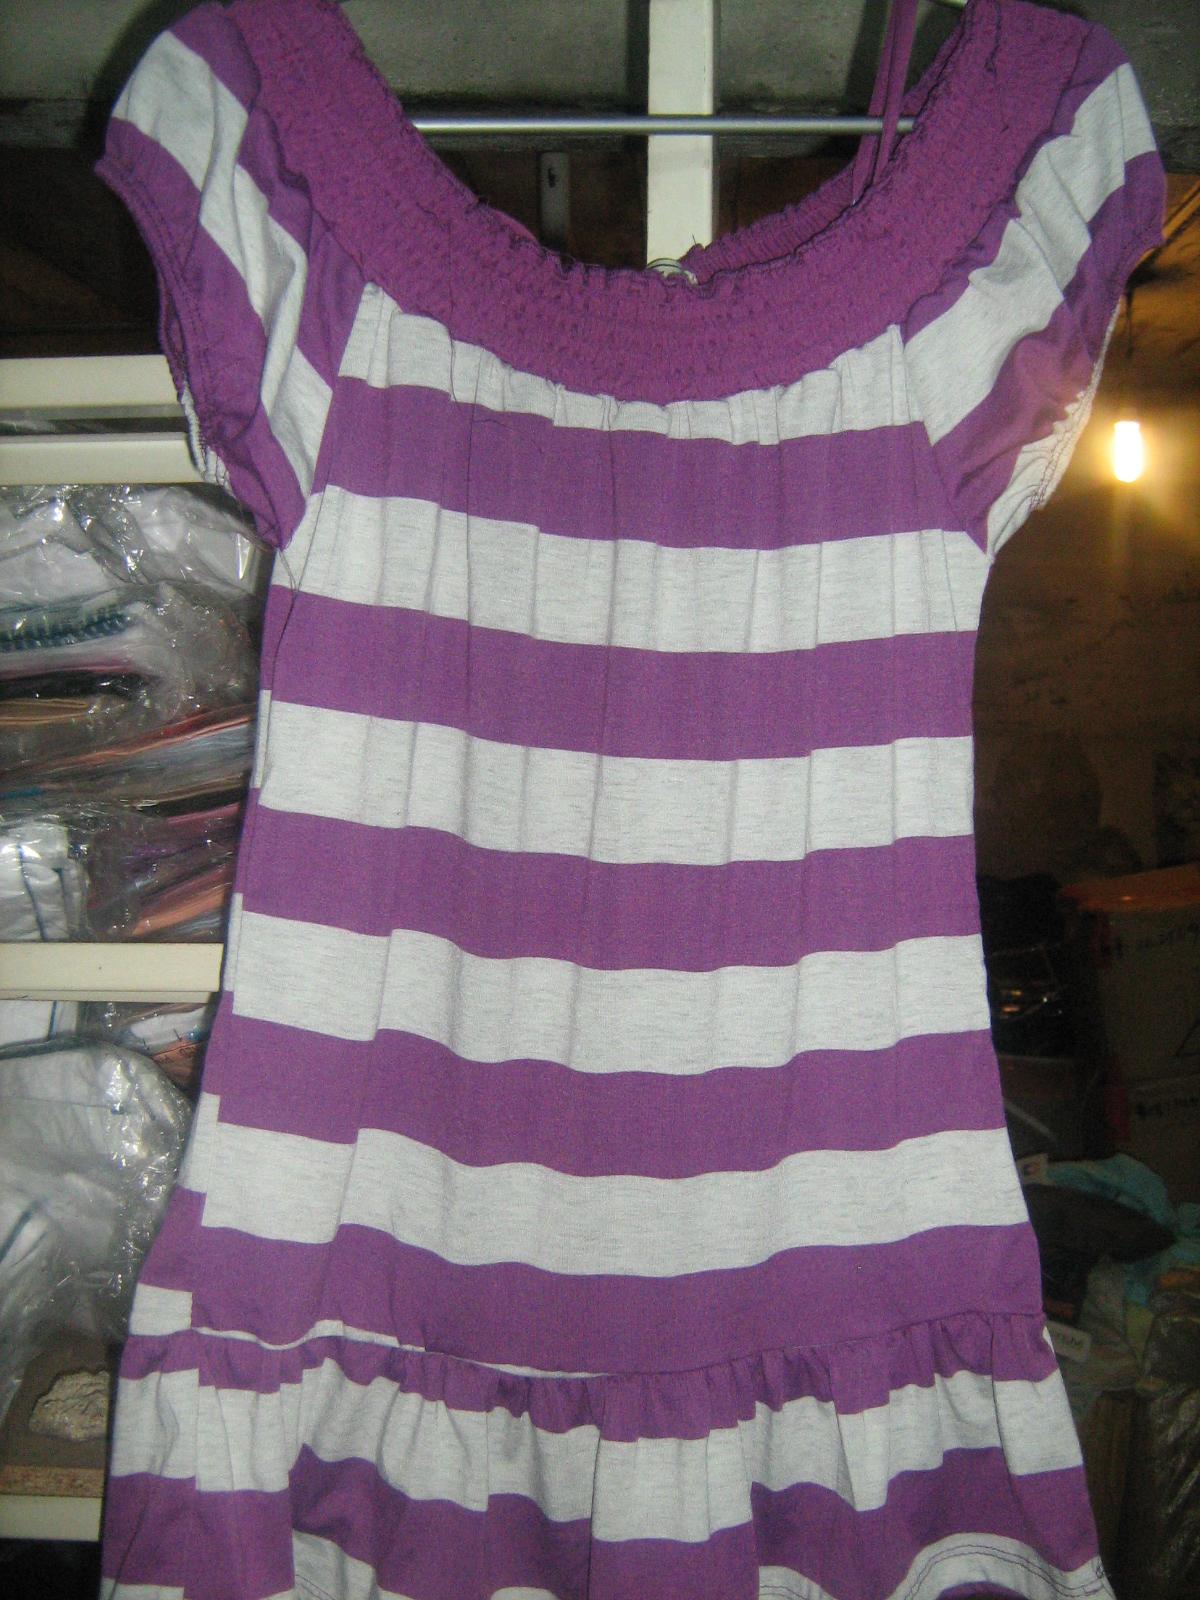 Venta de ropa por mayor ropa x mayor todo para tu tienda - Venta al por mayor de ropa interior ...